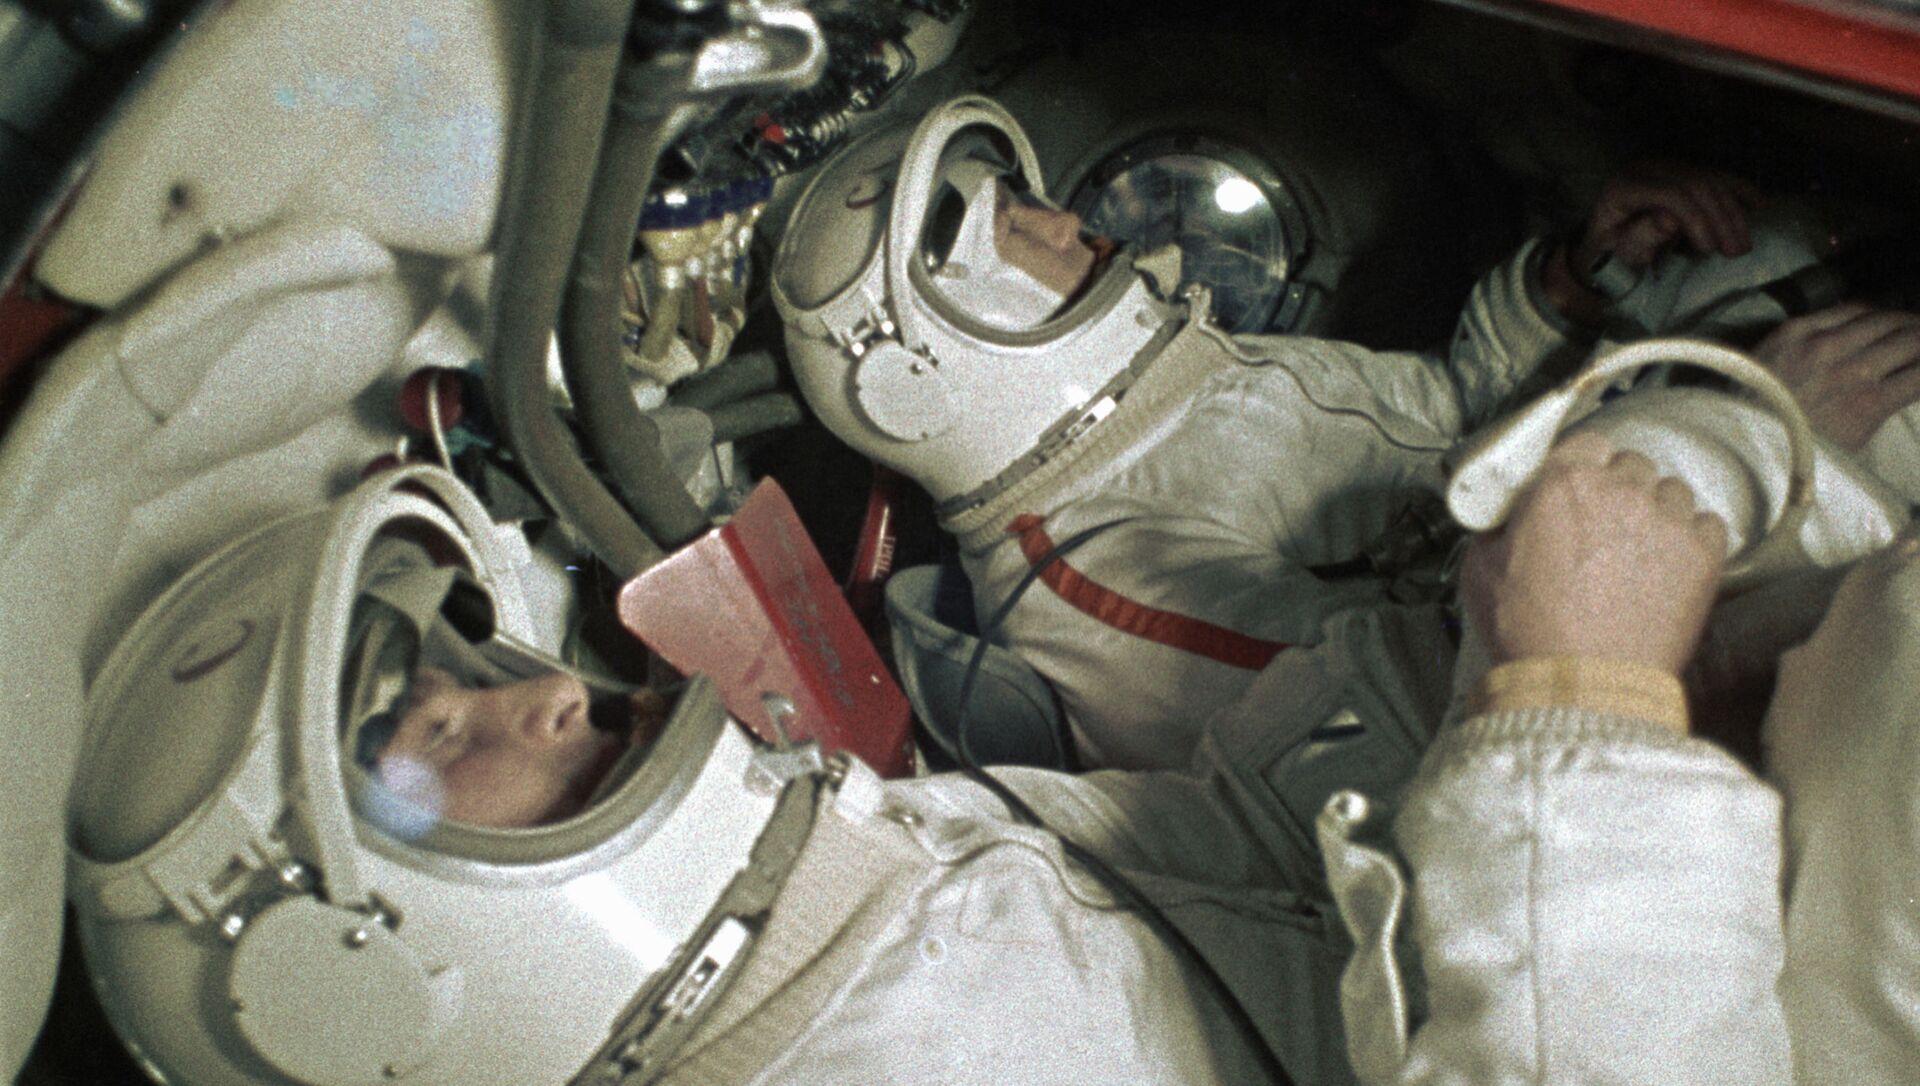 Cosmonautas Pavel Belyaev (izquierda) y Alexei Leonov en el simulador de la nave espacial Voskhod - Sputnik Mundo, 1920, 24.09.2020